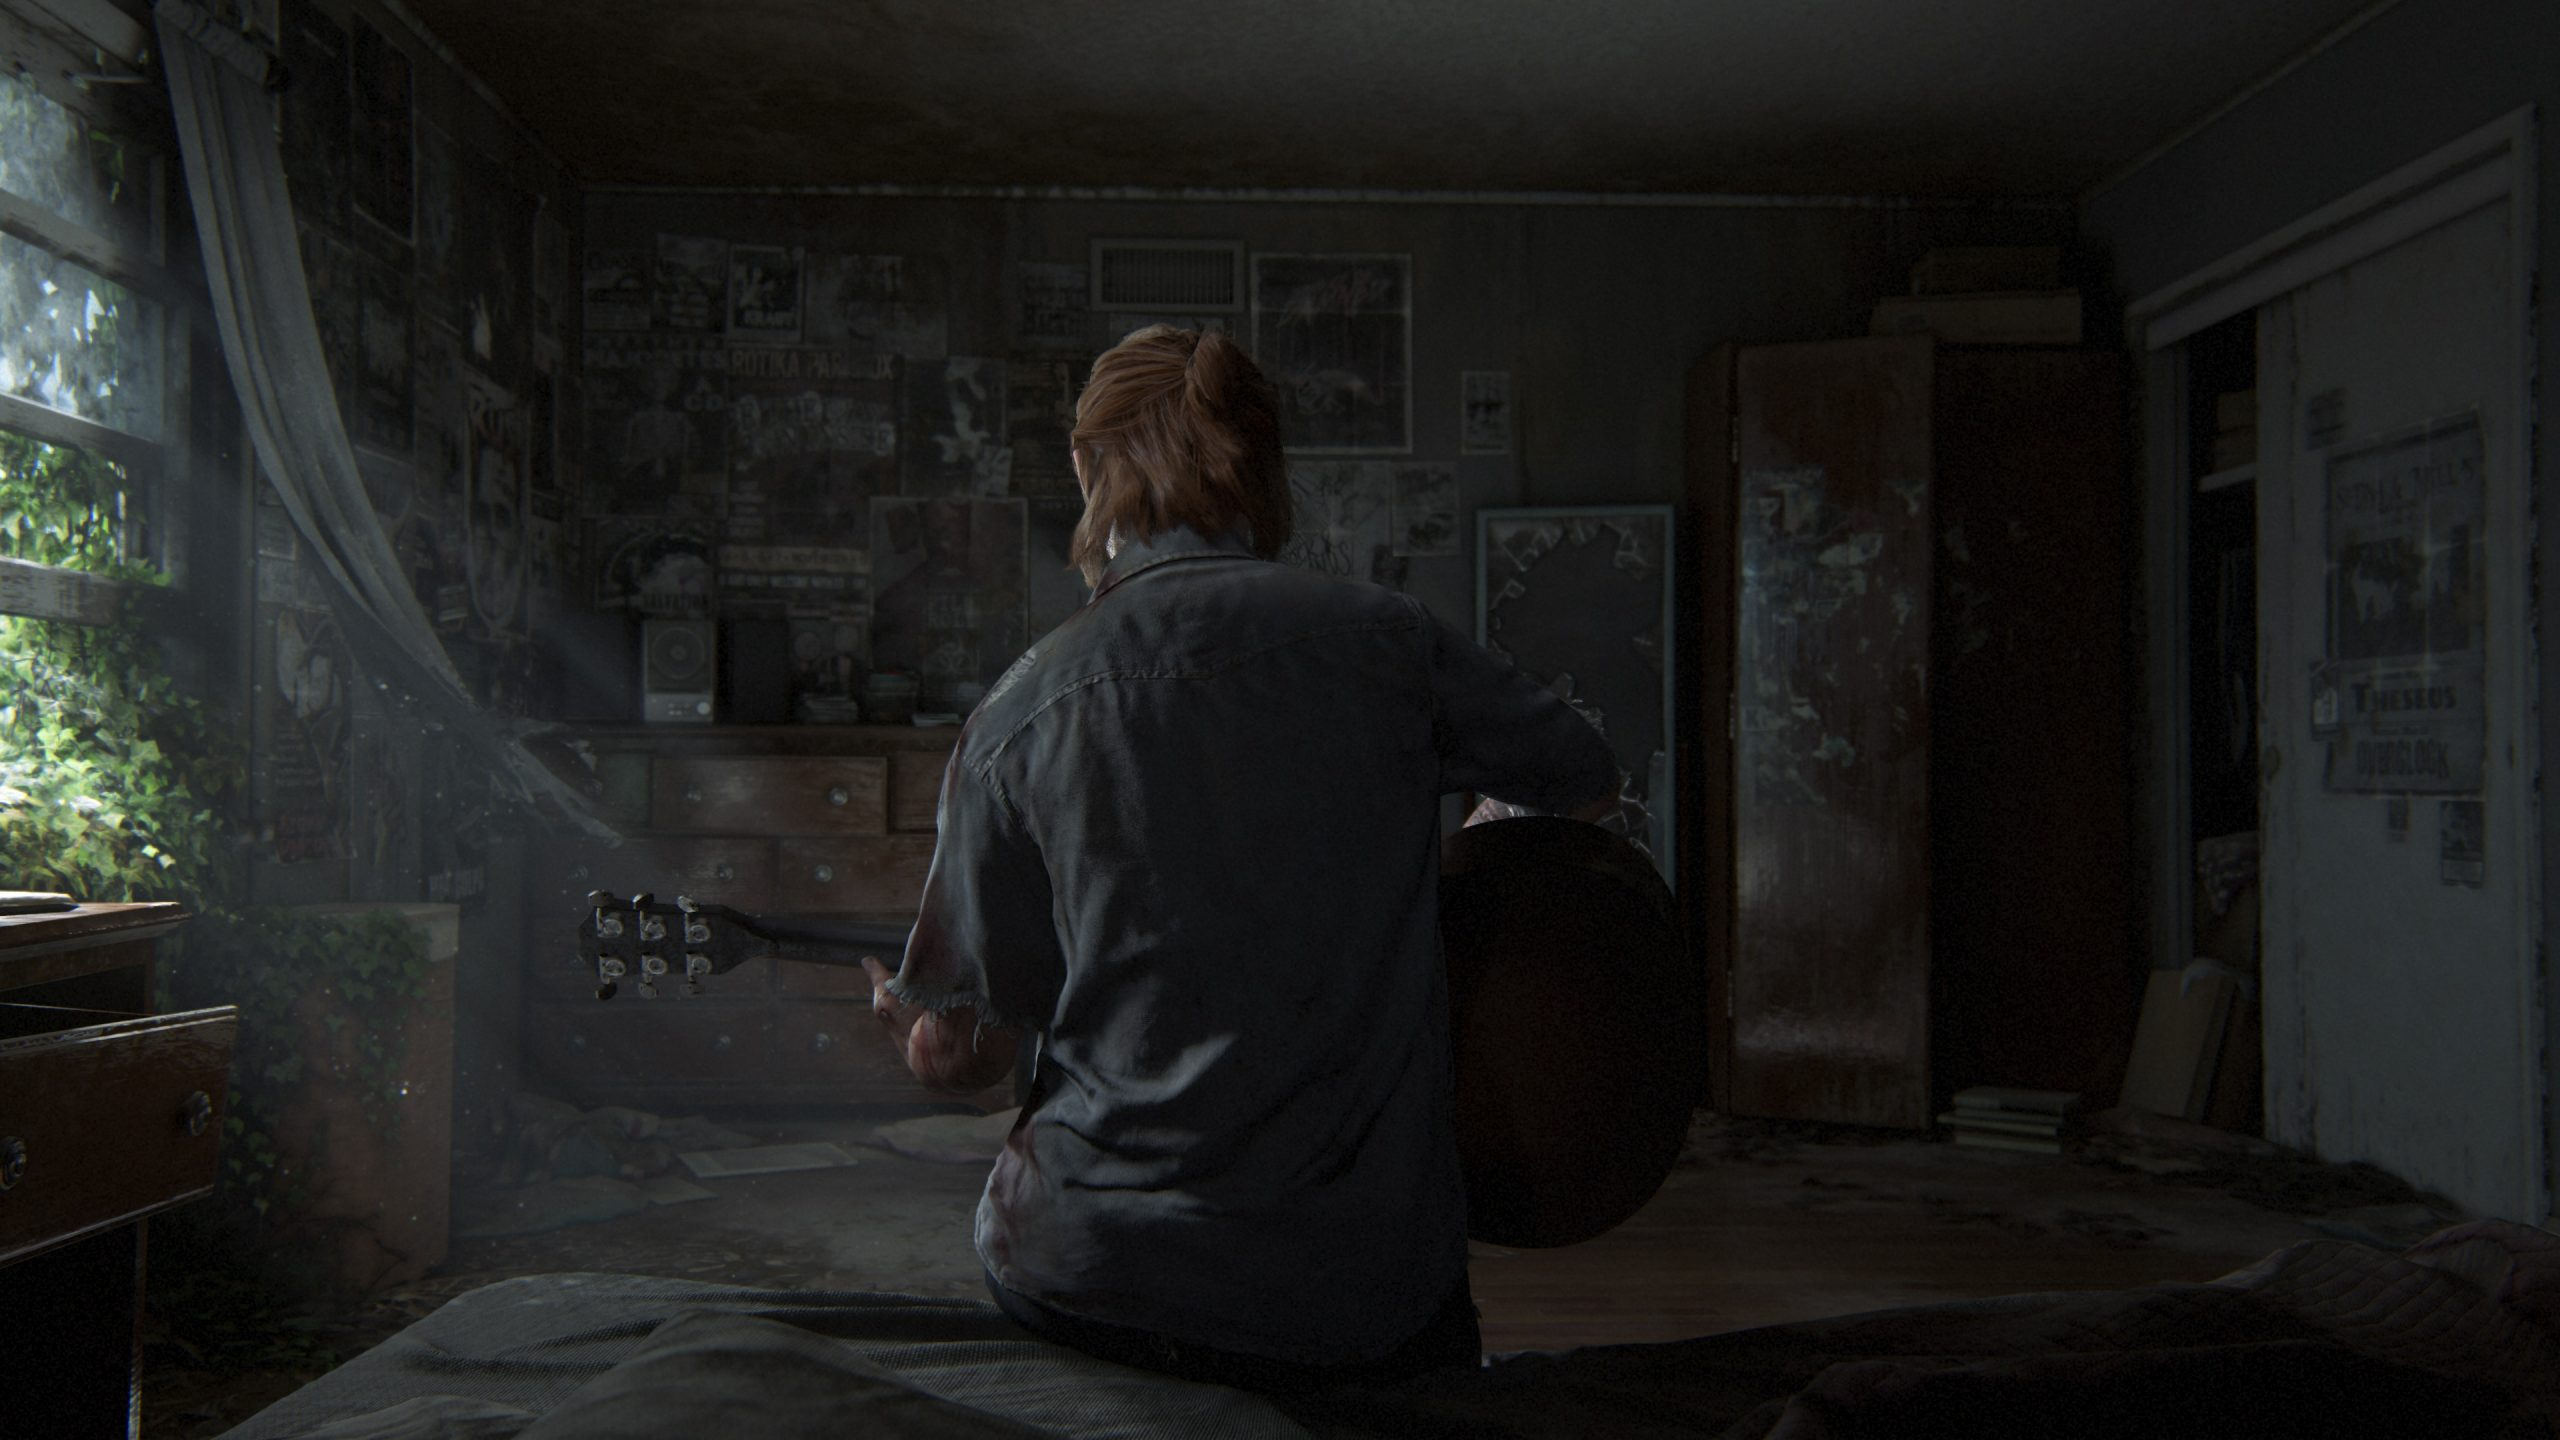 Режиссер «Чернобыля» снимет пилотный эпизод сериала по The Last of Us